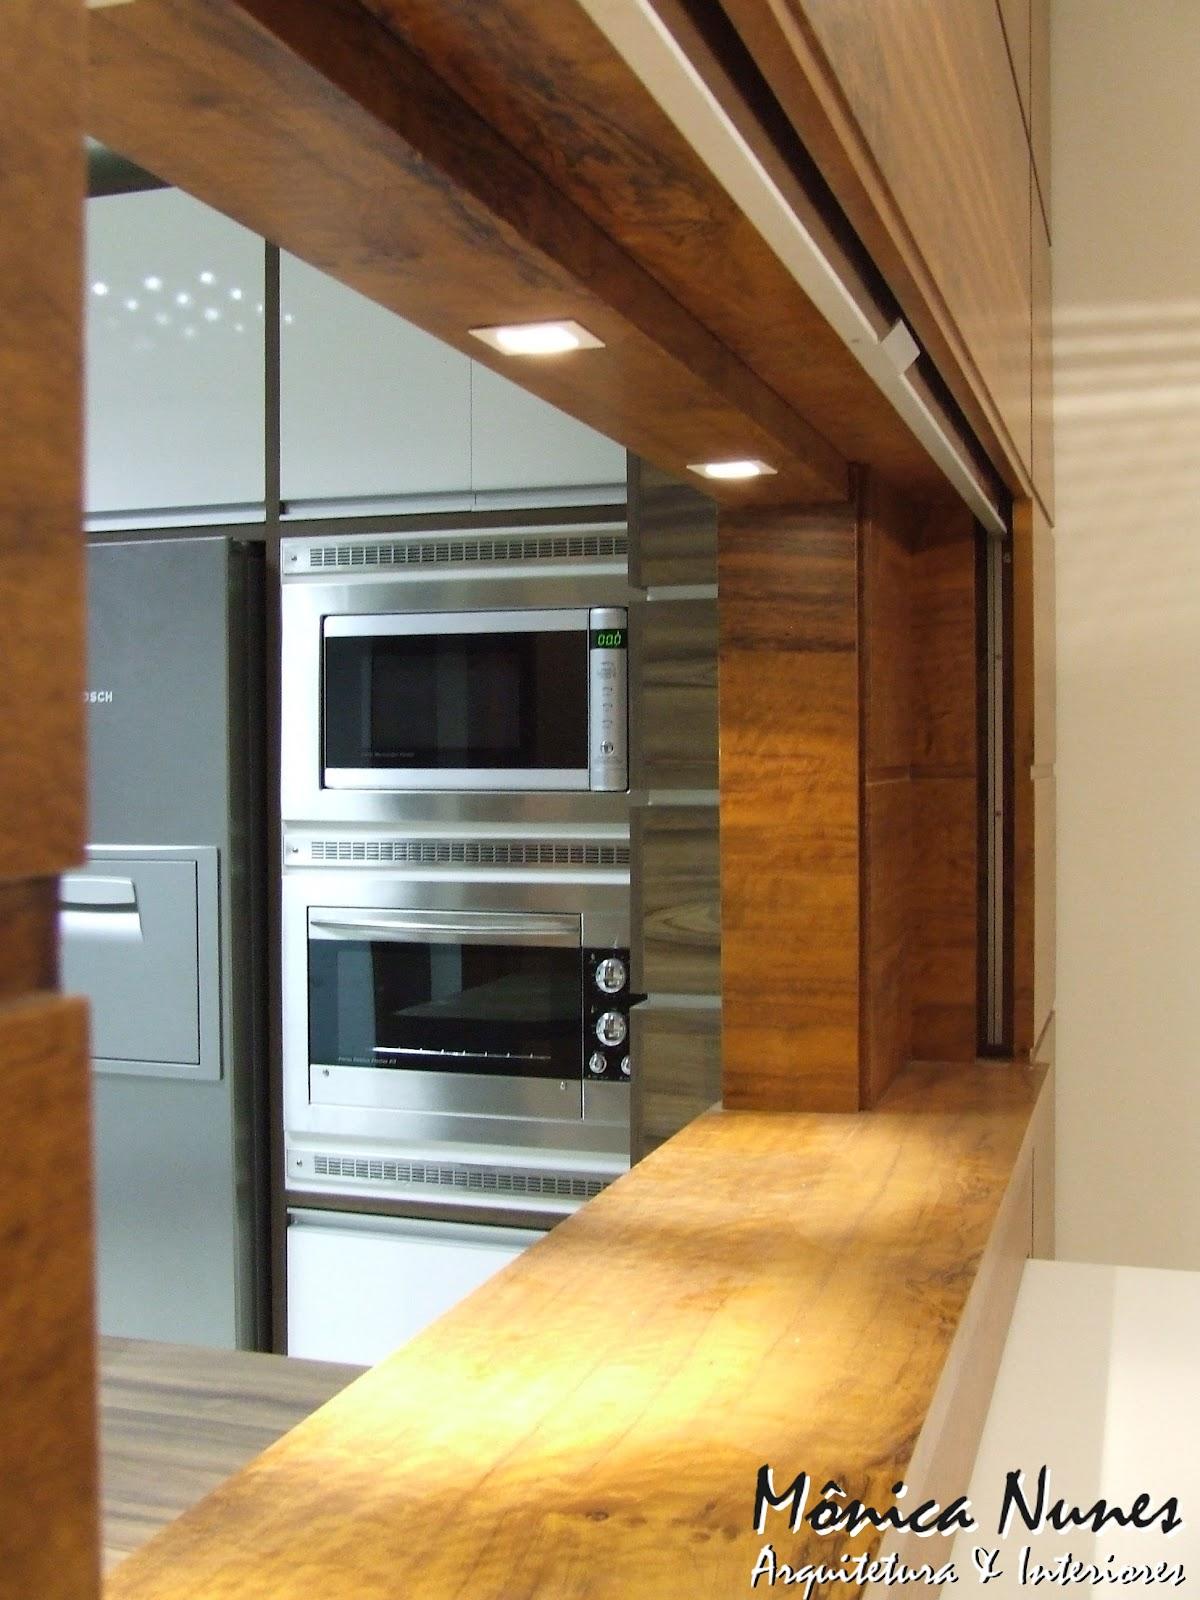 detalhe do passa pratos vista passa pratos pela cozinha #BC7C0F 1200 1600